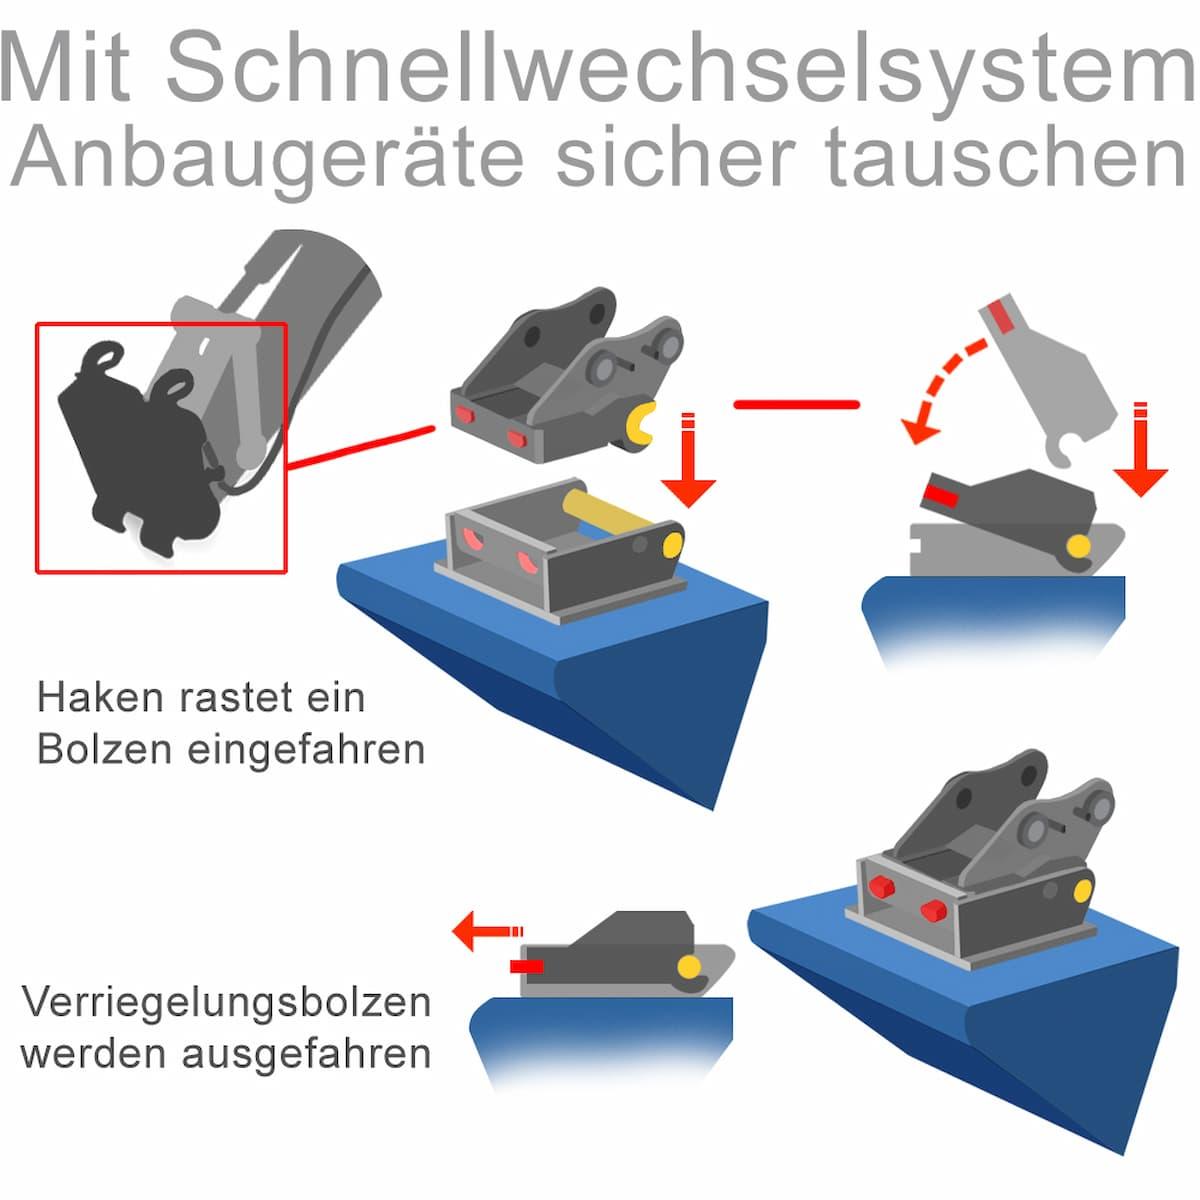 Mit Schnellwechselsystem Anbaugeräte sicher tauschen